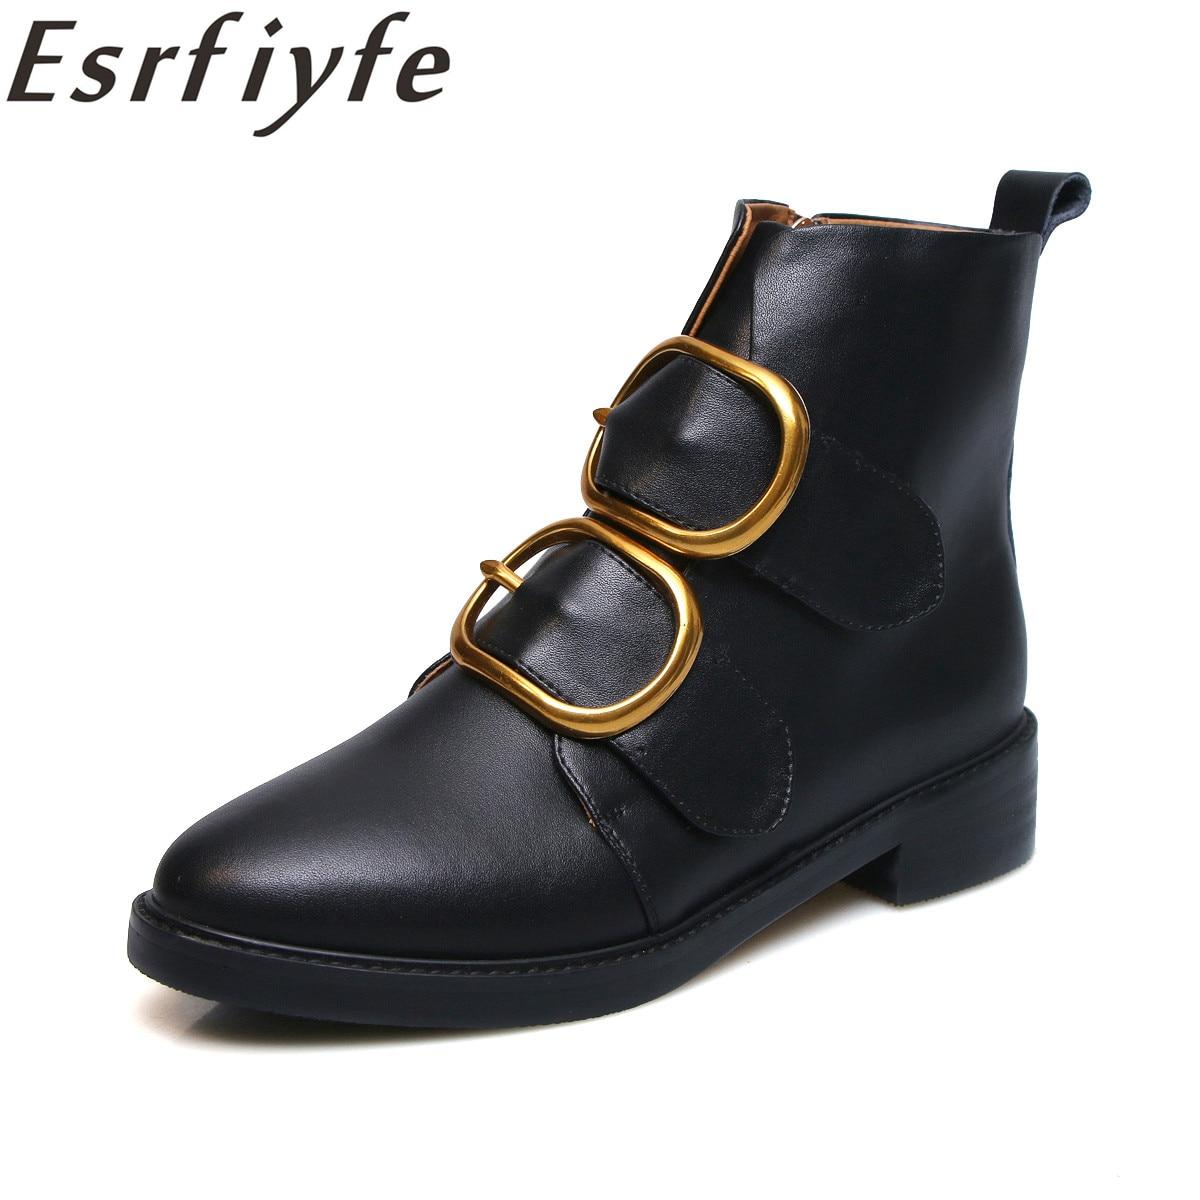 Rond Européen Cheville forme Esrfiyfe Bout Plate Martion Talon Cuir Style Boucle Femmes Noir Nouveau Zip Véritable Bottes 2019 Carré En yvYb7gIf6